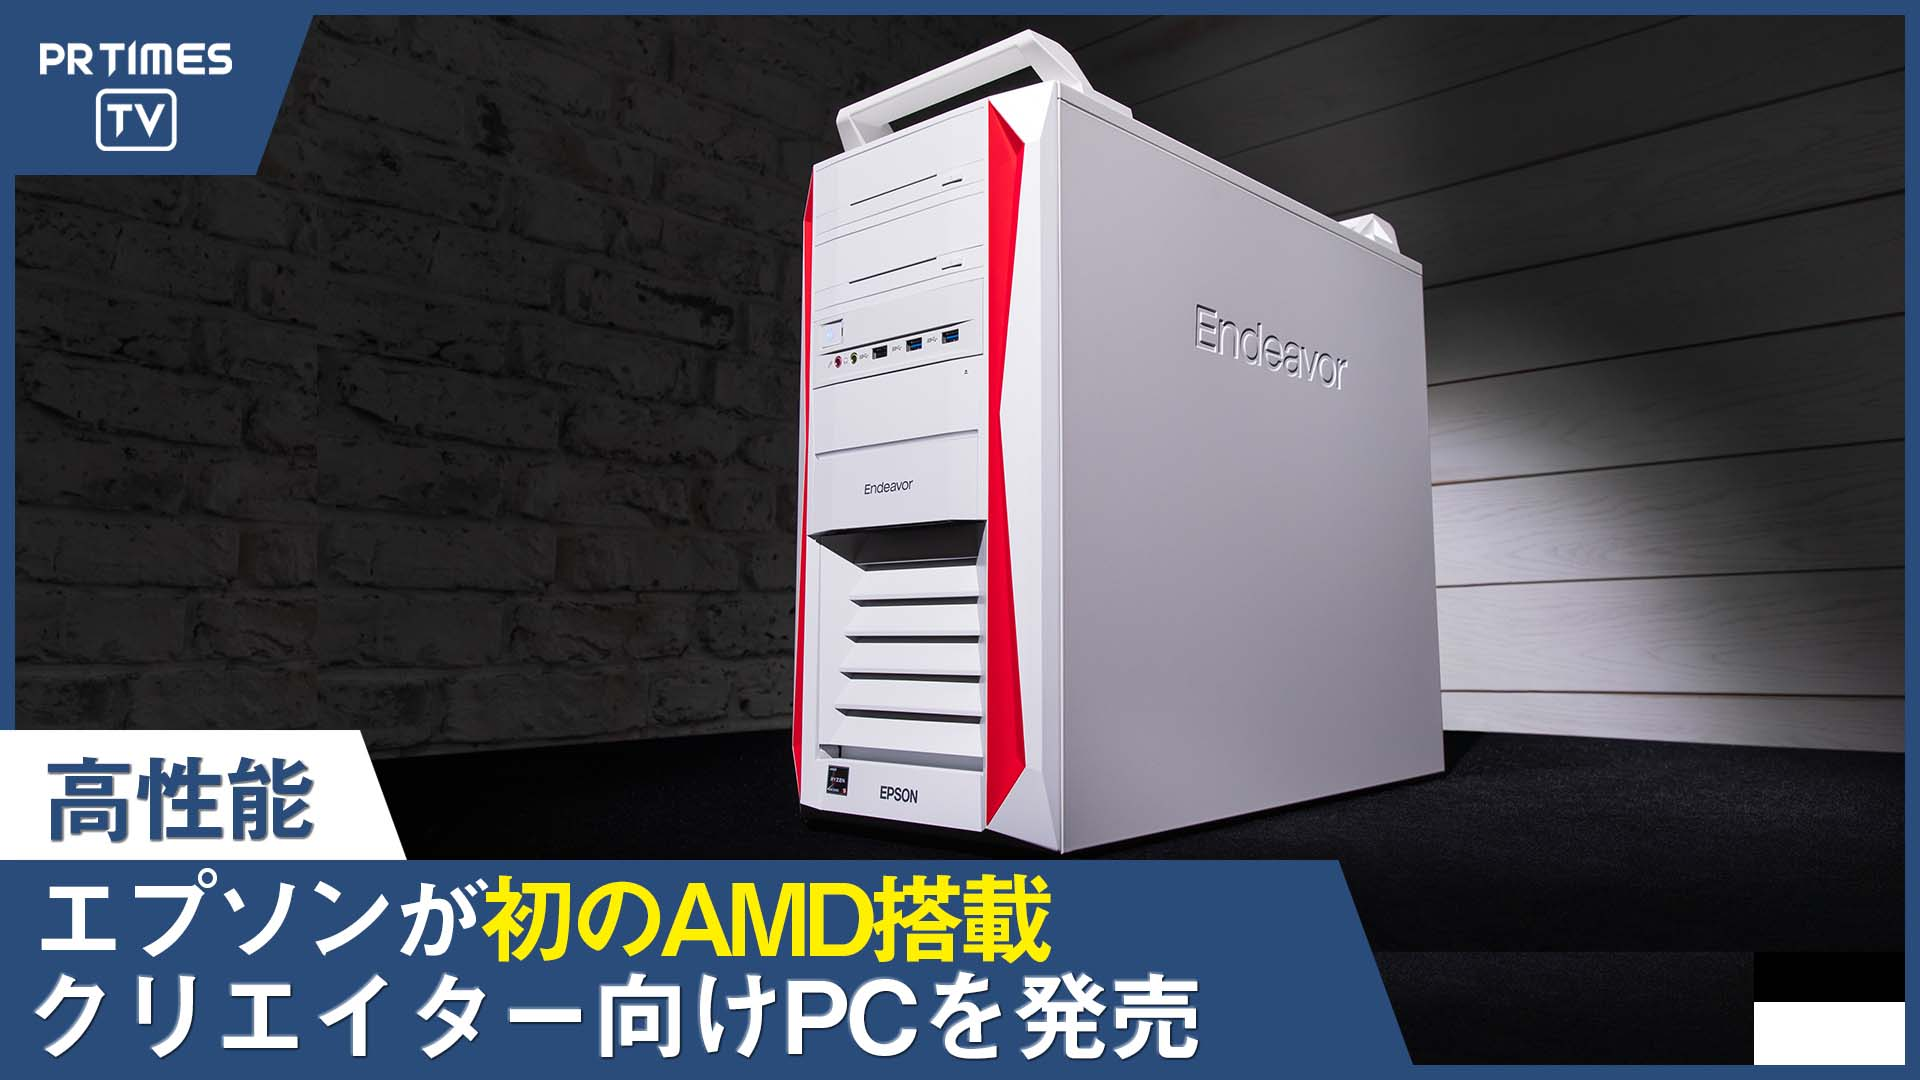 注目のAMD Ryzen™ 5000シリーズ・プロセッサーを搭載した「Endeavor Pro9050a」が新登場 ―高い信頼性を誇るインテル® Core™ X シリーズを搭載した「Endeavor Pro9100」も同時発売―